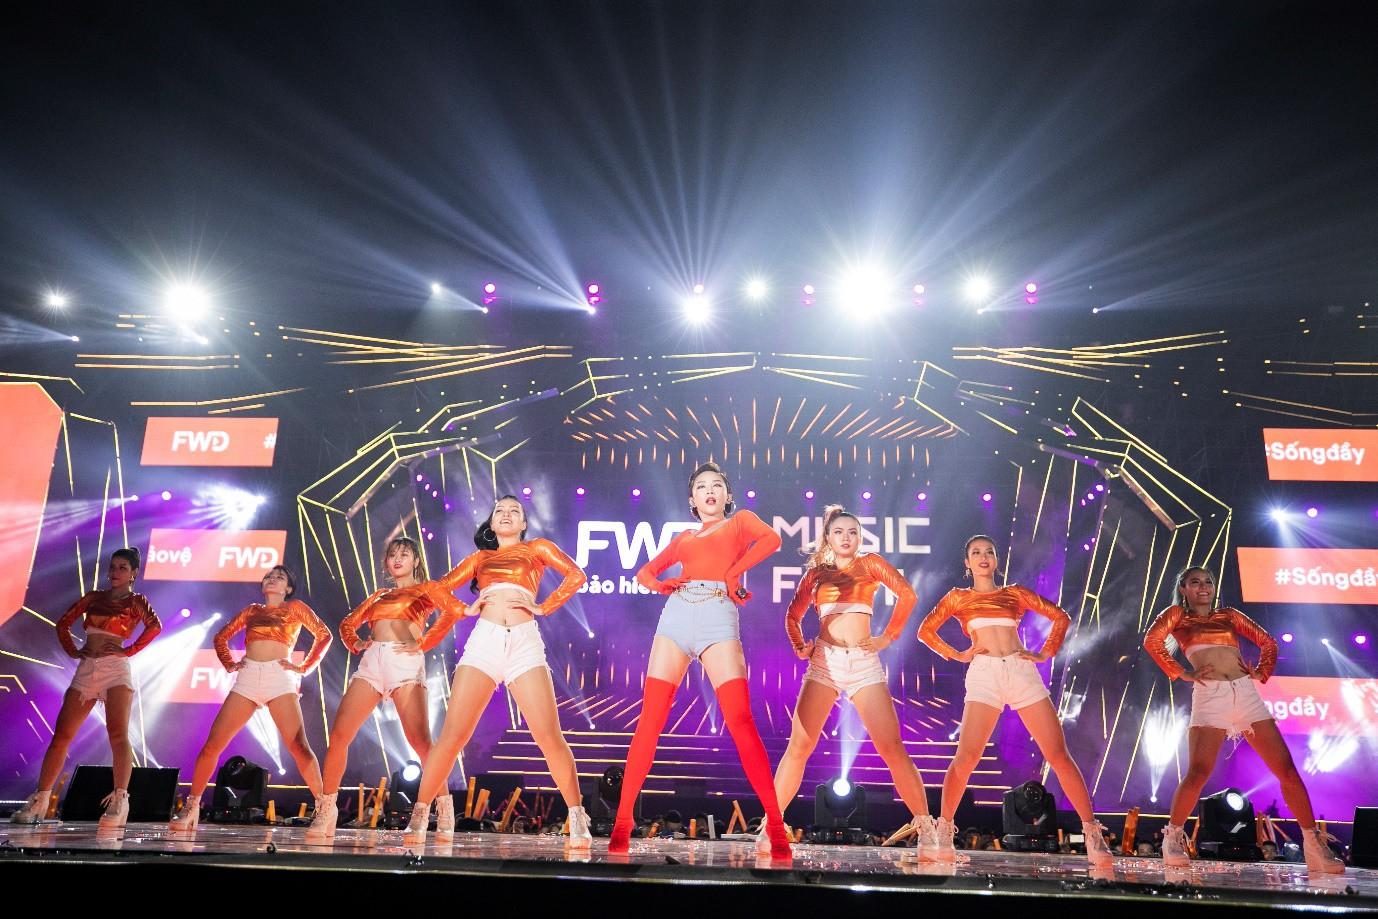 Sơn Tùng M-TP, Đen Vâu, Tóc Tiên, Hồ Ngọc Hà… mang đến quá nhiều màn trình diễn đỉnh cao tại FWD Music Fest - Ảnh 2.